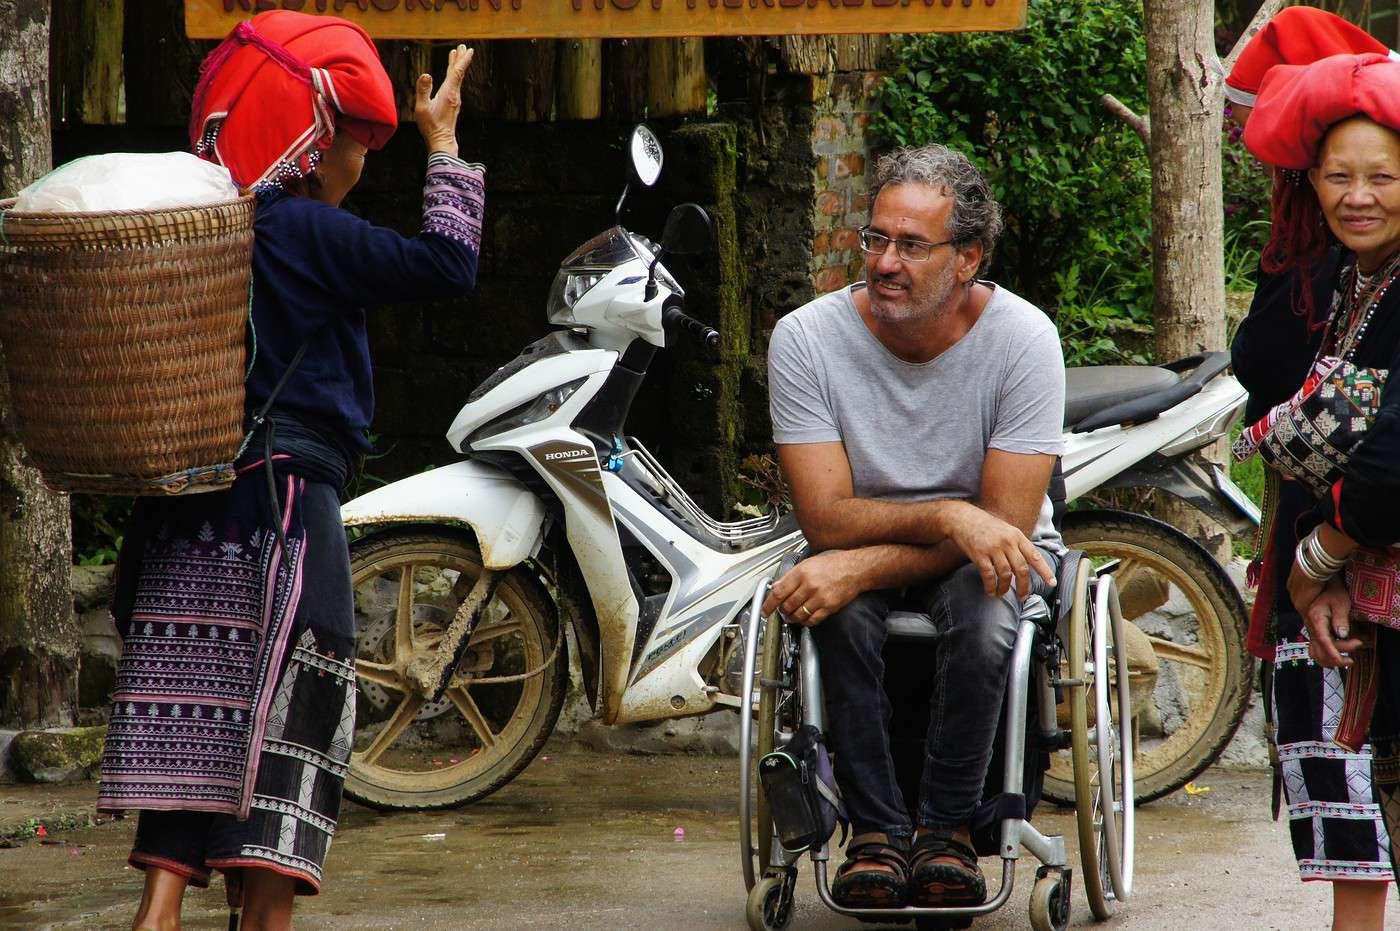 Accueil. Sachez aussi que le fauteuil roulant est un merveilleux atout pour faire des rencontres amicales.